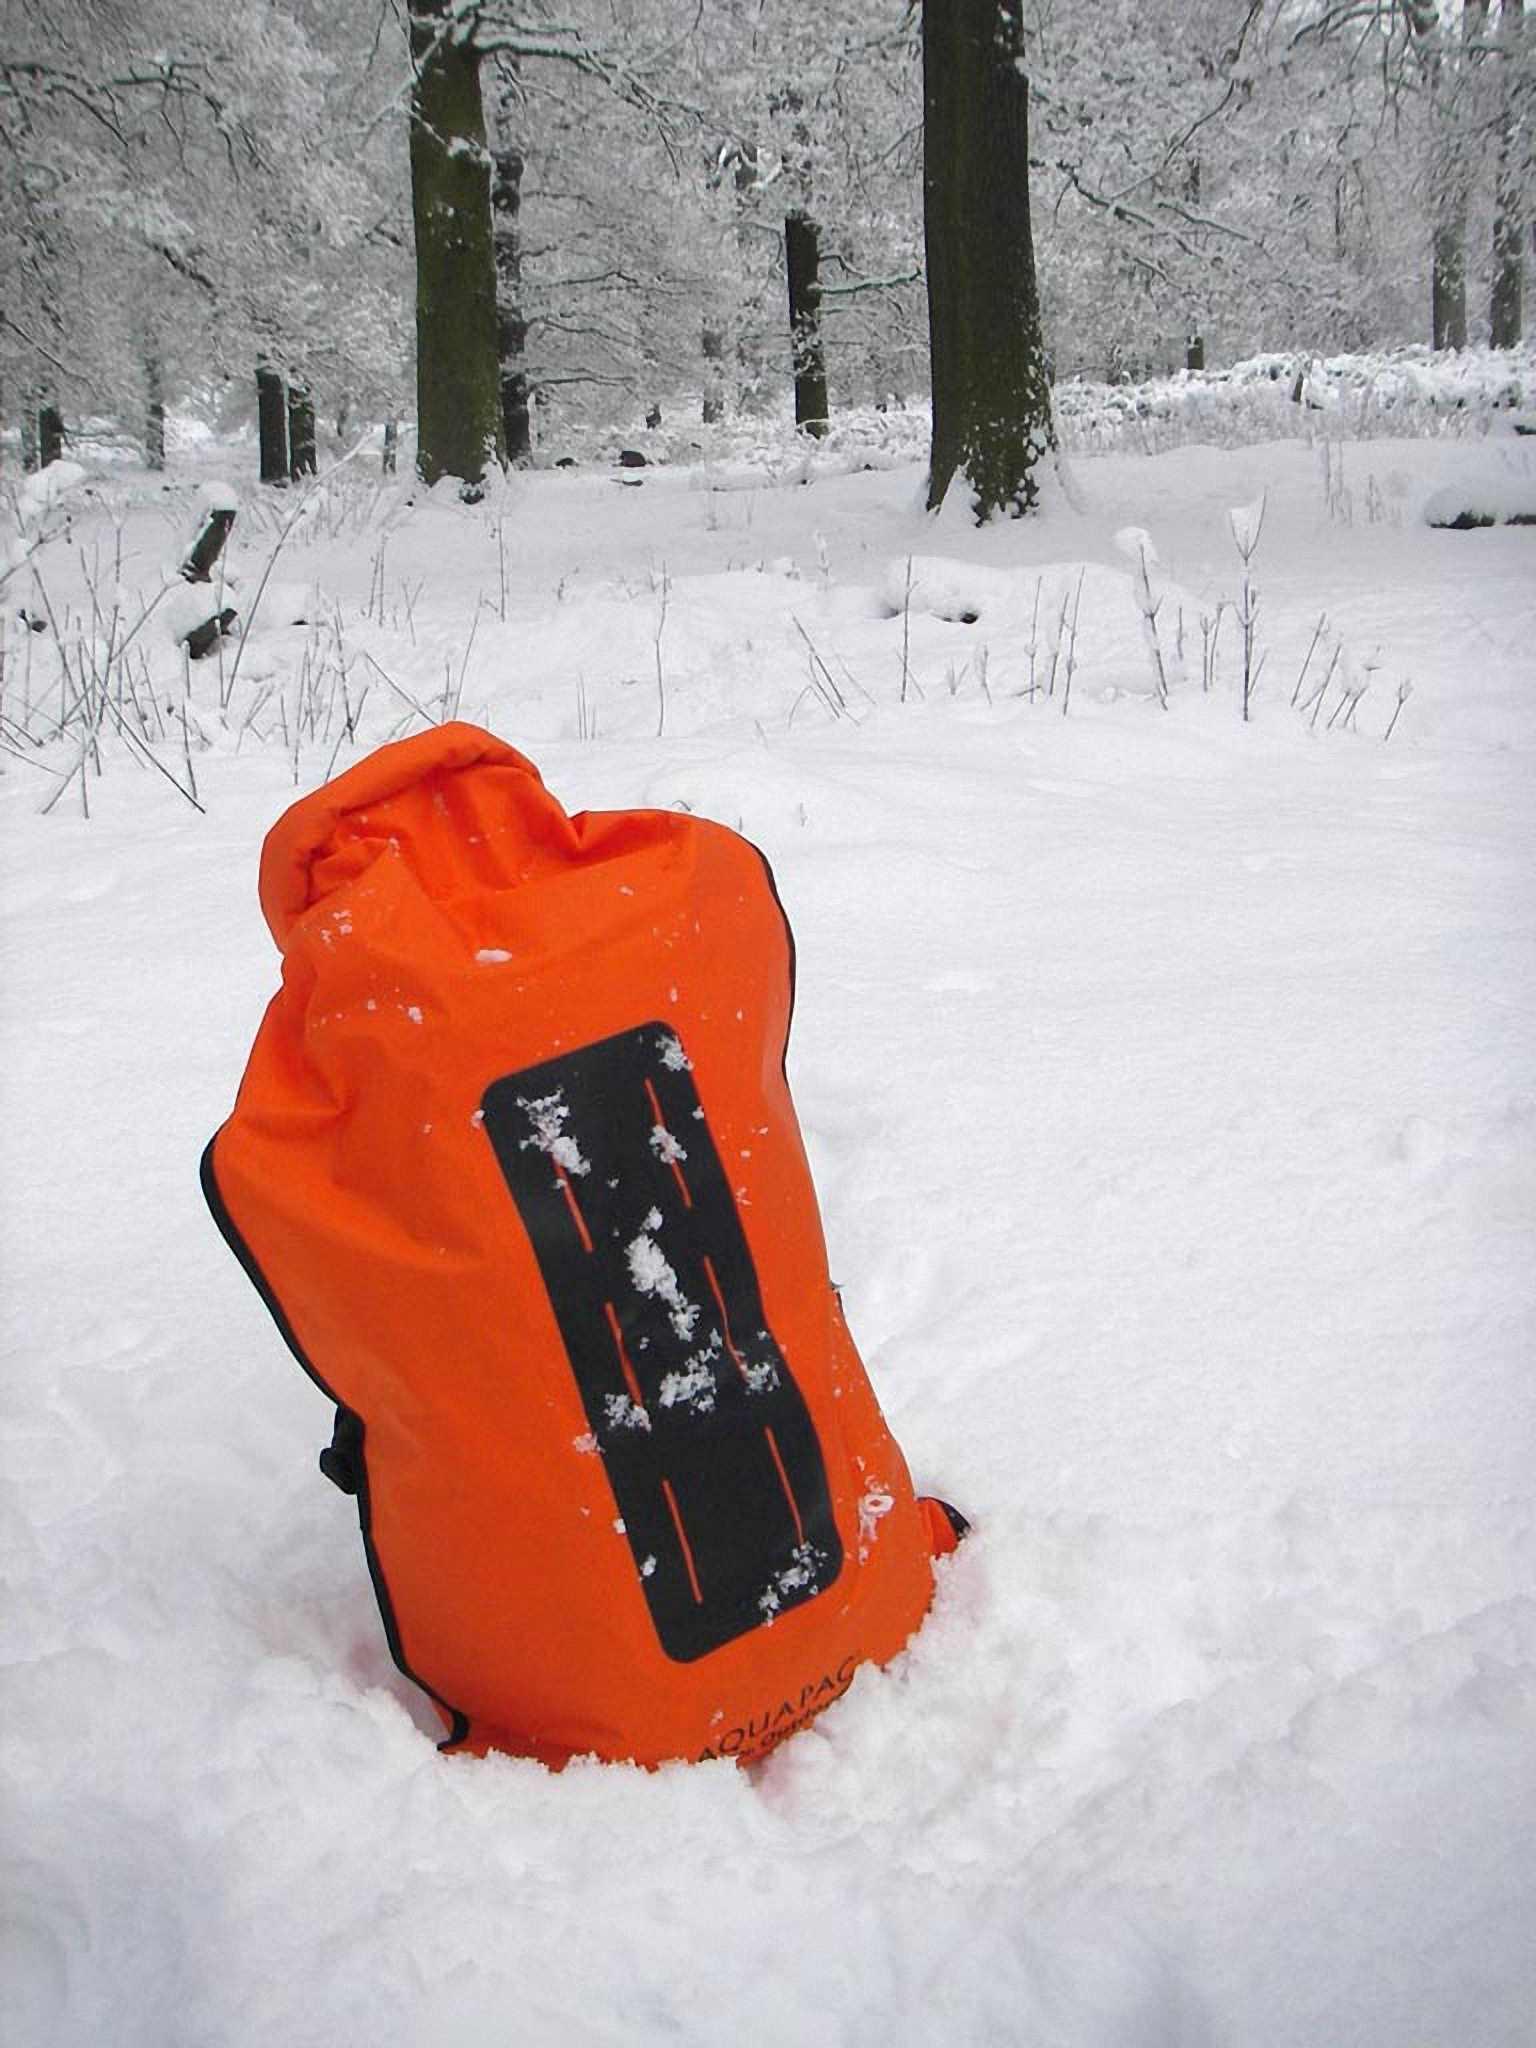 Водонепроницаемый гермомешок-рюкзак (с двумя плечевыми ремнями) Aquapac 771 - Noatak Wet & Drybag - 25L.. Aquapac - №1 в мире водонепроницаемых чехлов и сумок. Фото 9